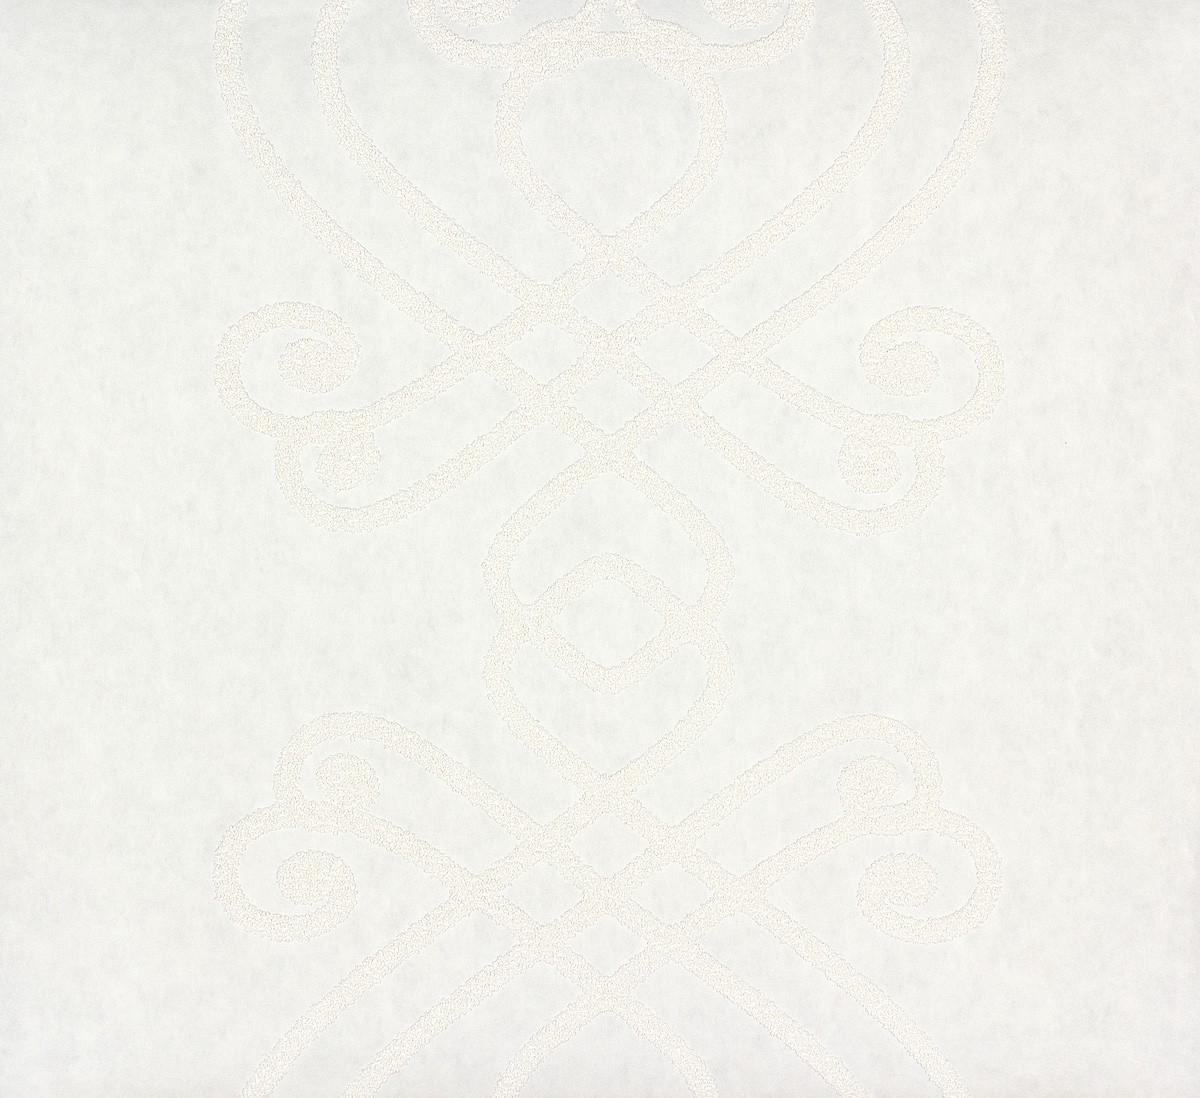 tapete vlies berstreichbar barock wei patent decor 3d 9429